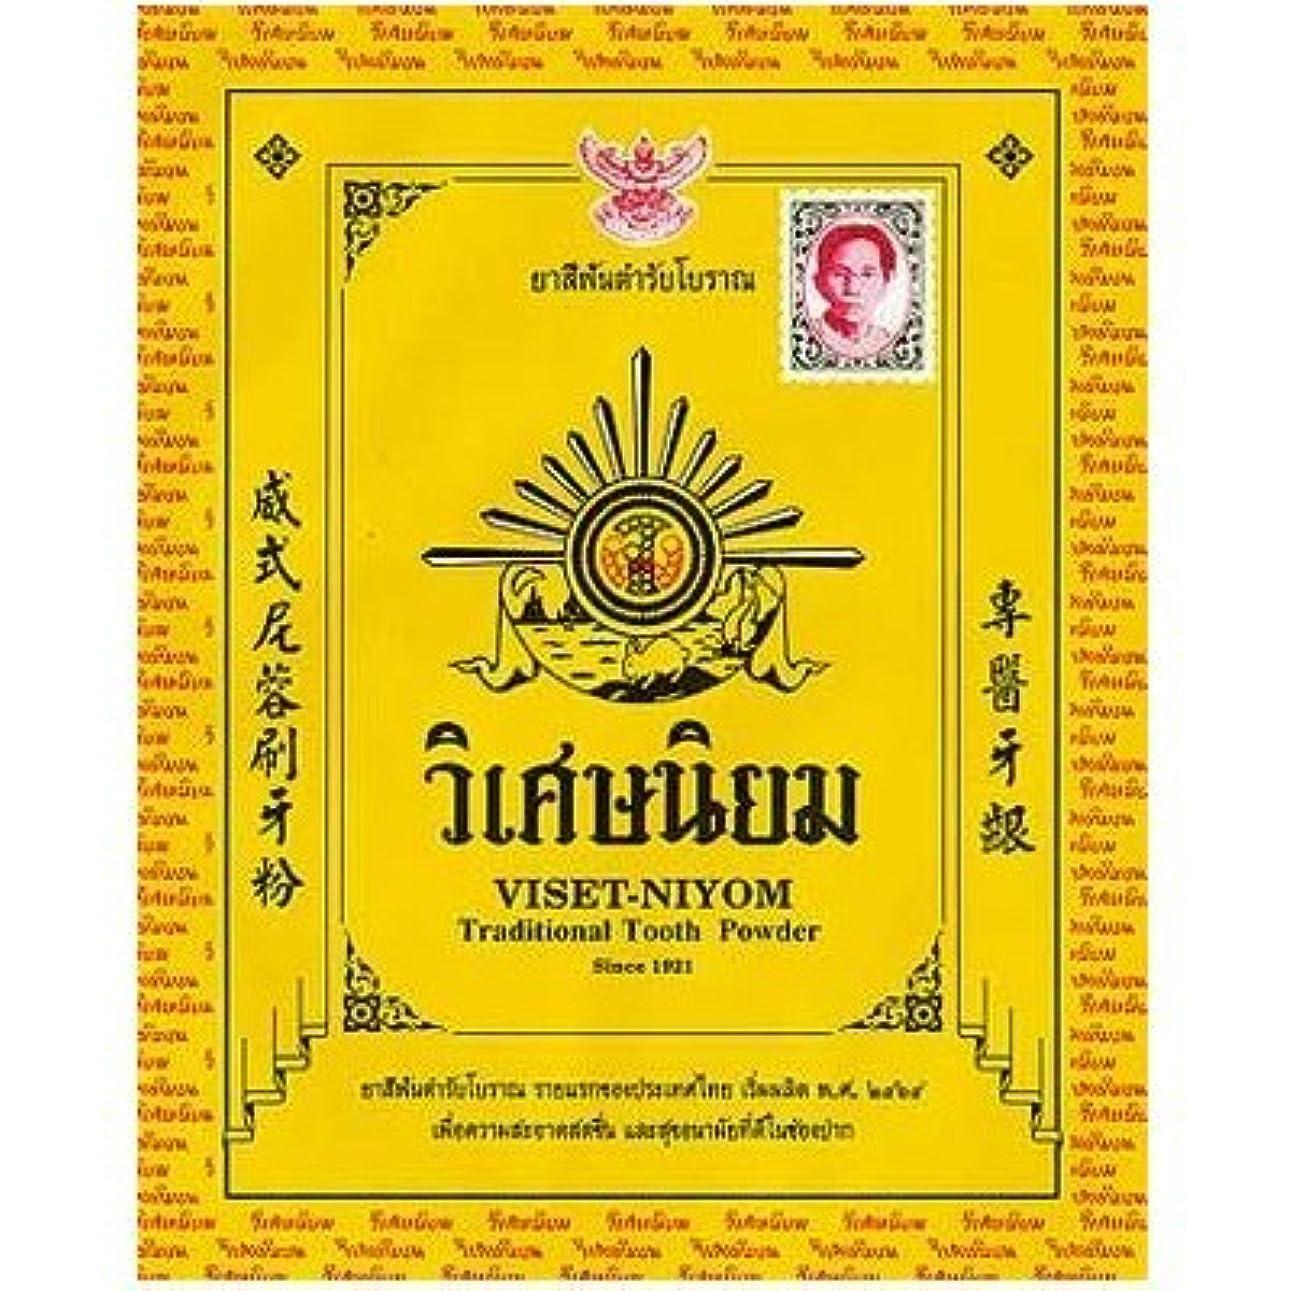 薬理学魂ハンマーThai Herbal Whitening Tooth Powder Original Thai Traditional Toothpaste 40 G. by Tooth Powder